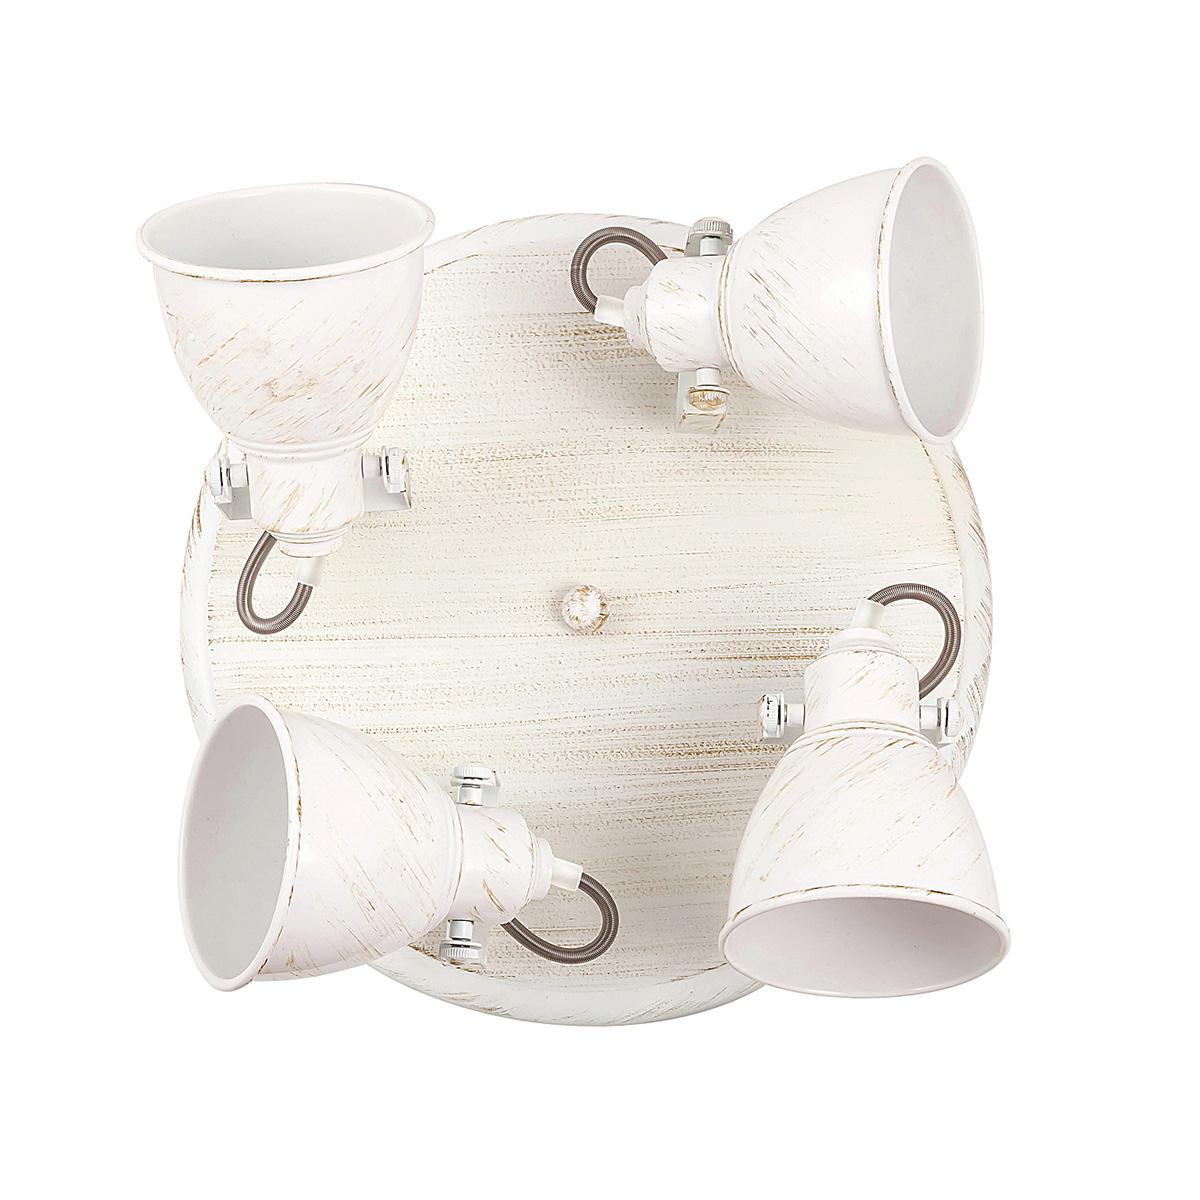 Spot lampa Vivienne 5969 bela